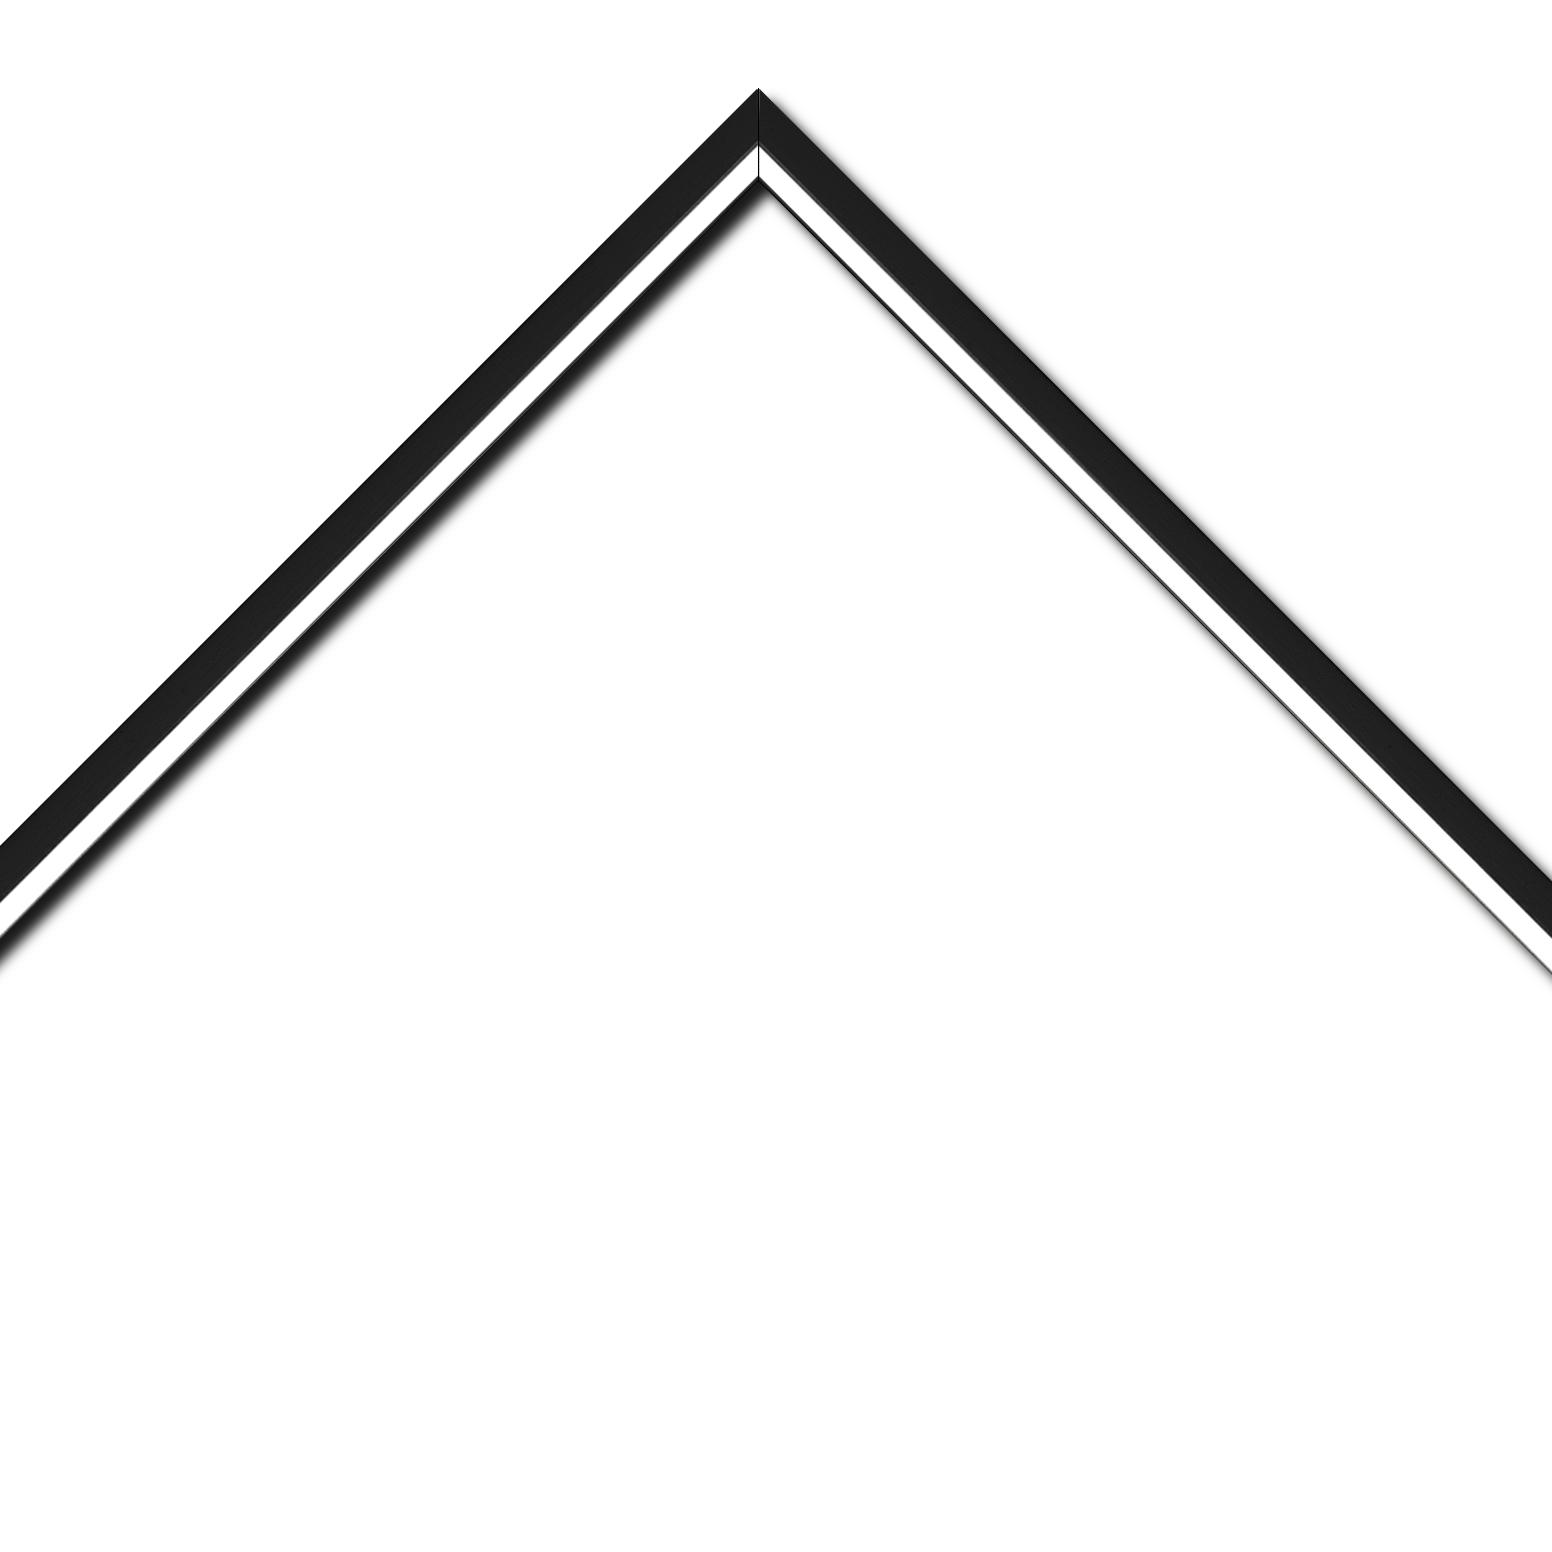 Baguette bois profil plat largeur 1.6cm couleur noir mat finition pore bouché filet blanc en retrait de la face du cadre de 6mm assurant un effet très original